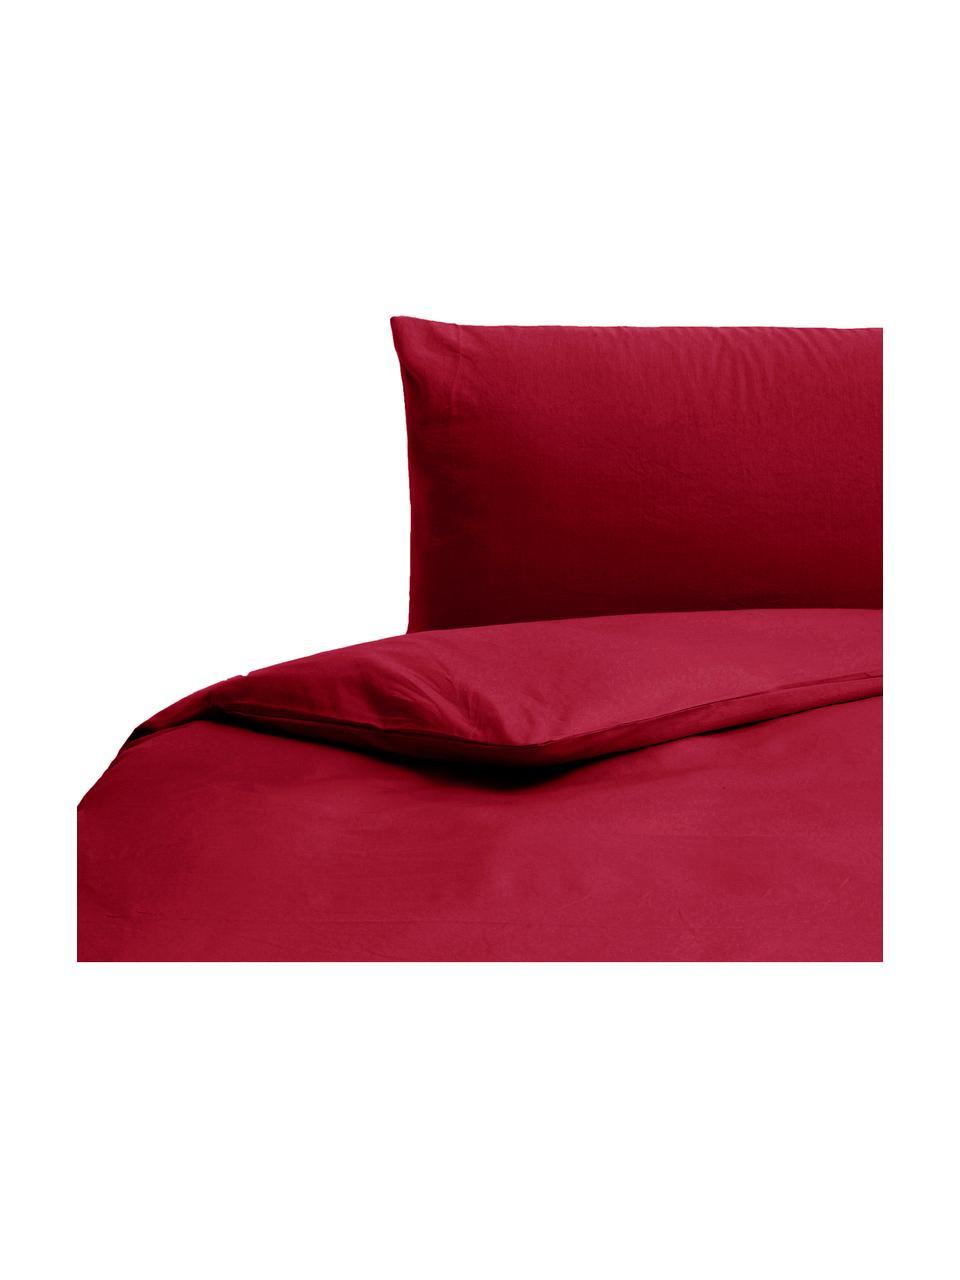 Parure copripiumino in cotone effetto stone washed Velle, Tessuto: cotone ranforce, Fronte e retro: rosso rubino, 155 x 200 cm + 1 federa 50 x 80 cm